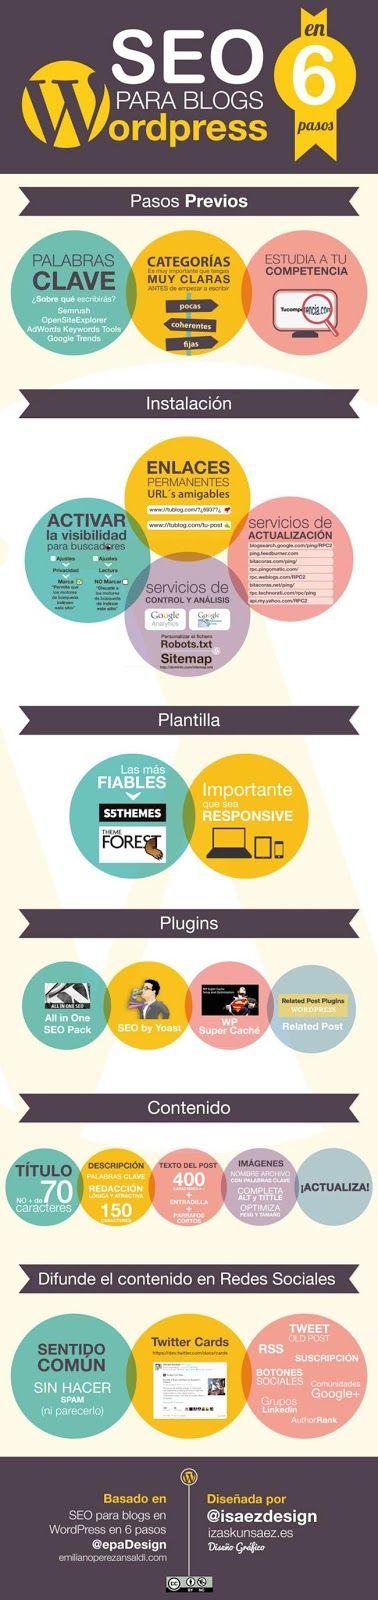 El ABC del SEO para Wordpress en una completa Infografía en Español | Las mejores infografías de toda la web en Infografiando.com